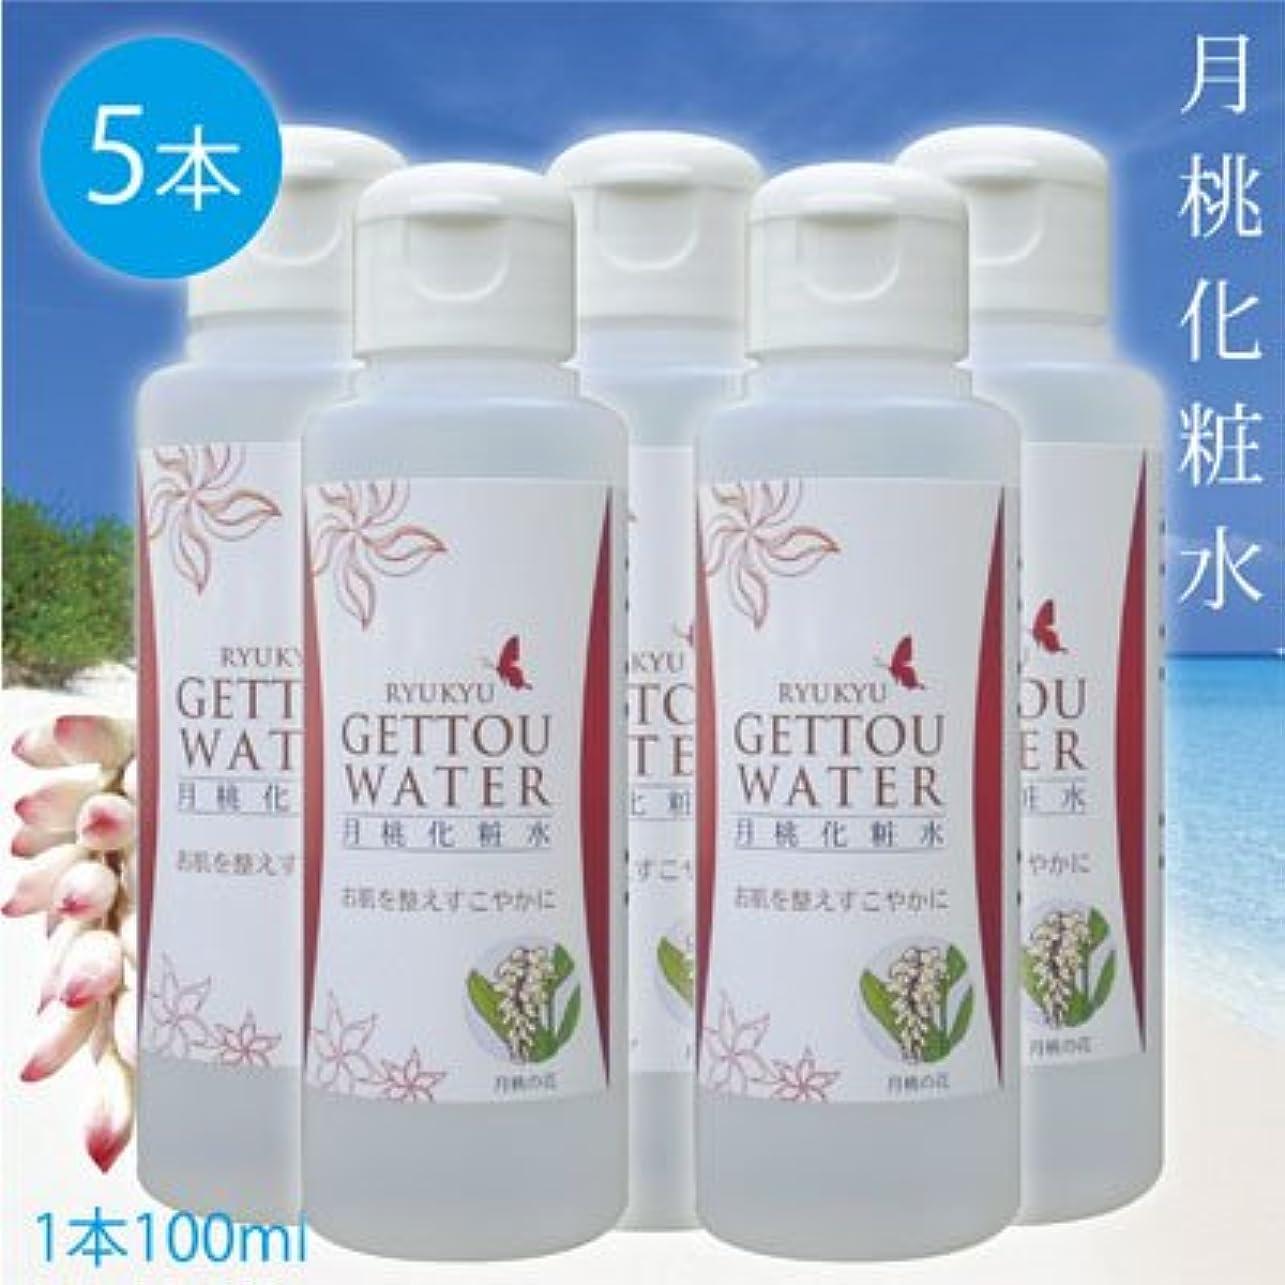 高度コーデリア強調する美肌 月桃水 月桃化粧水 5本(1本?100ml)